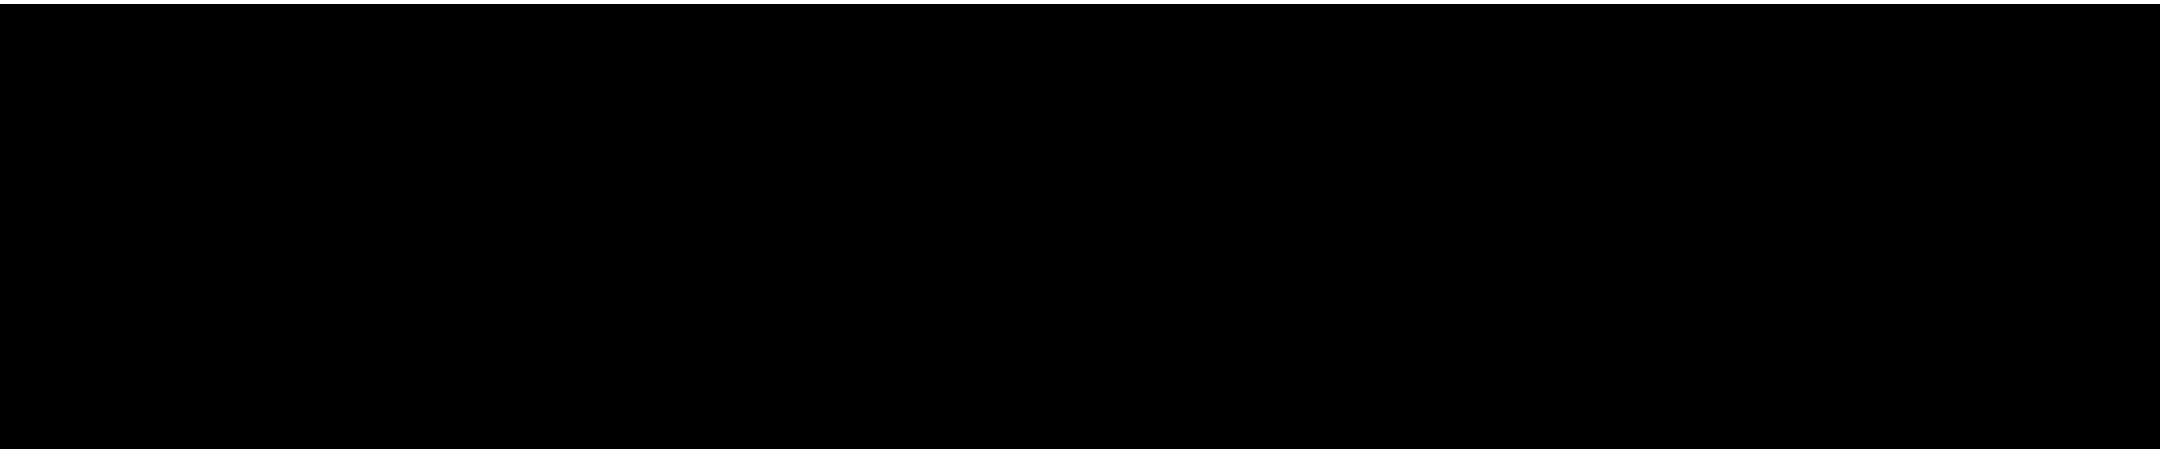 signature EMD